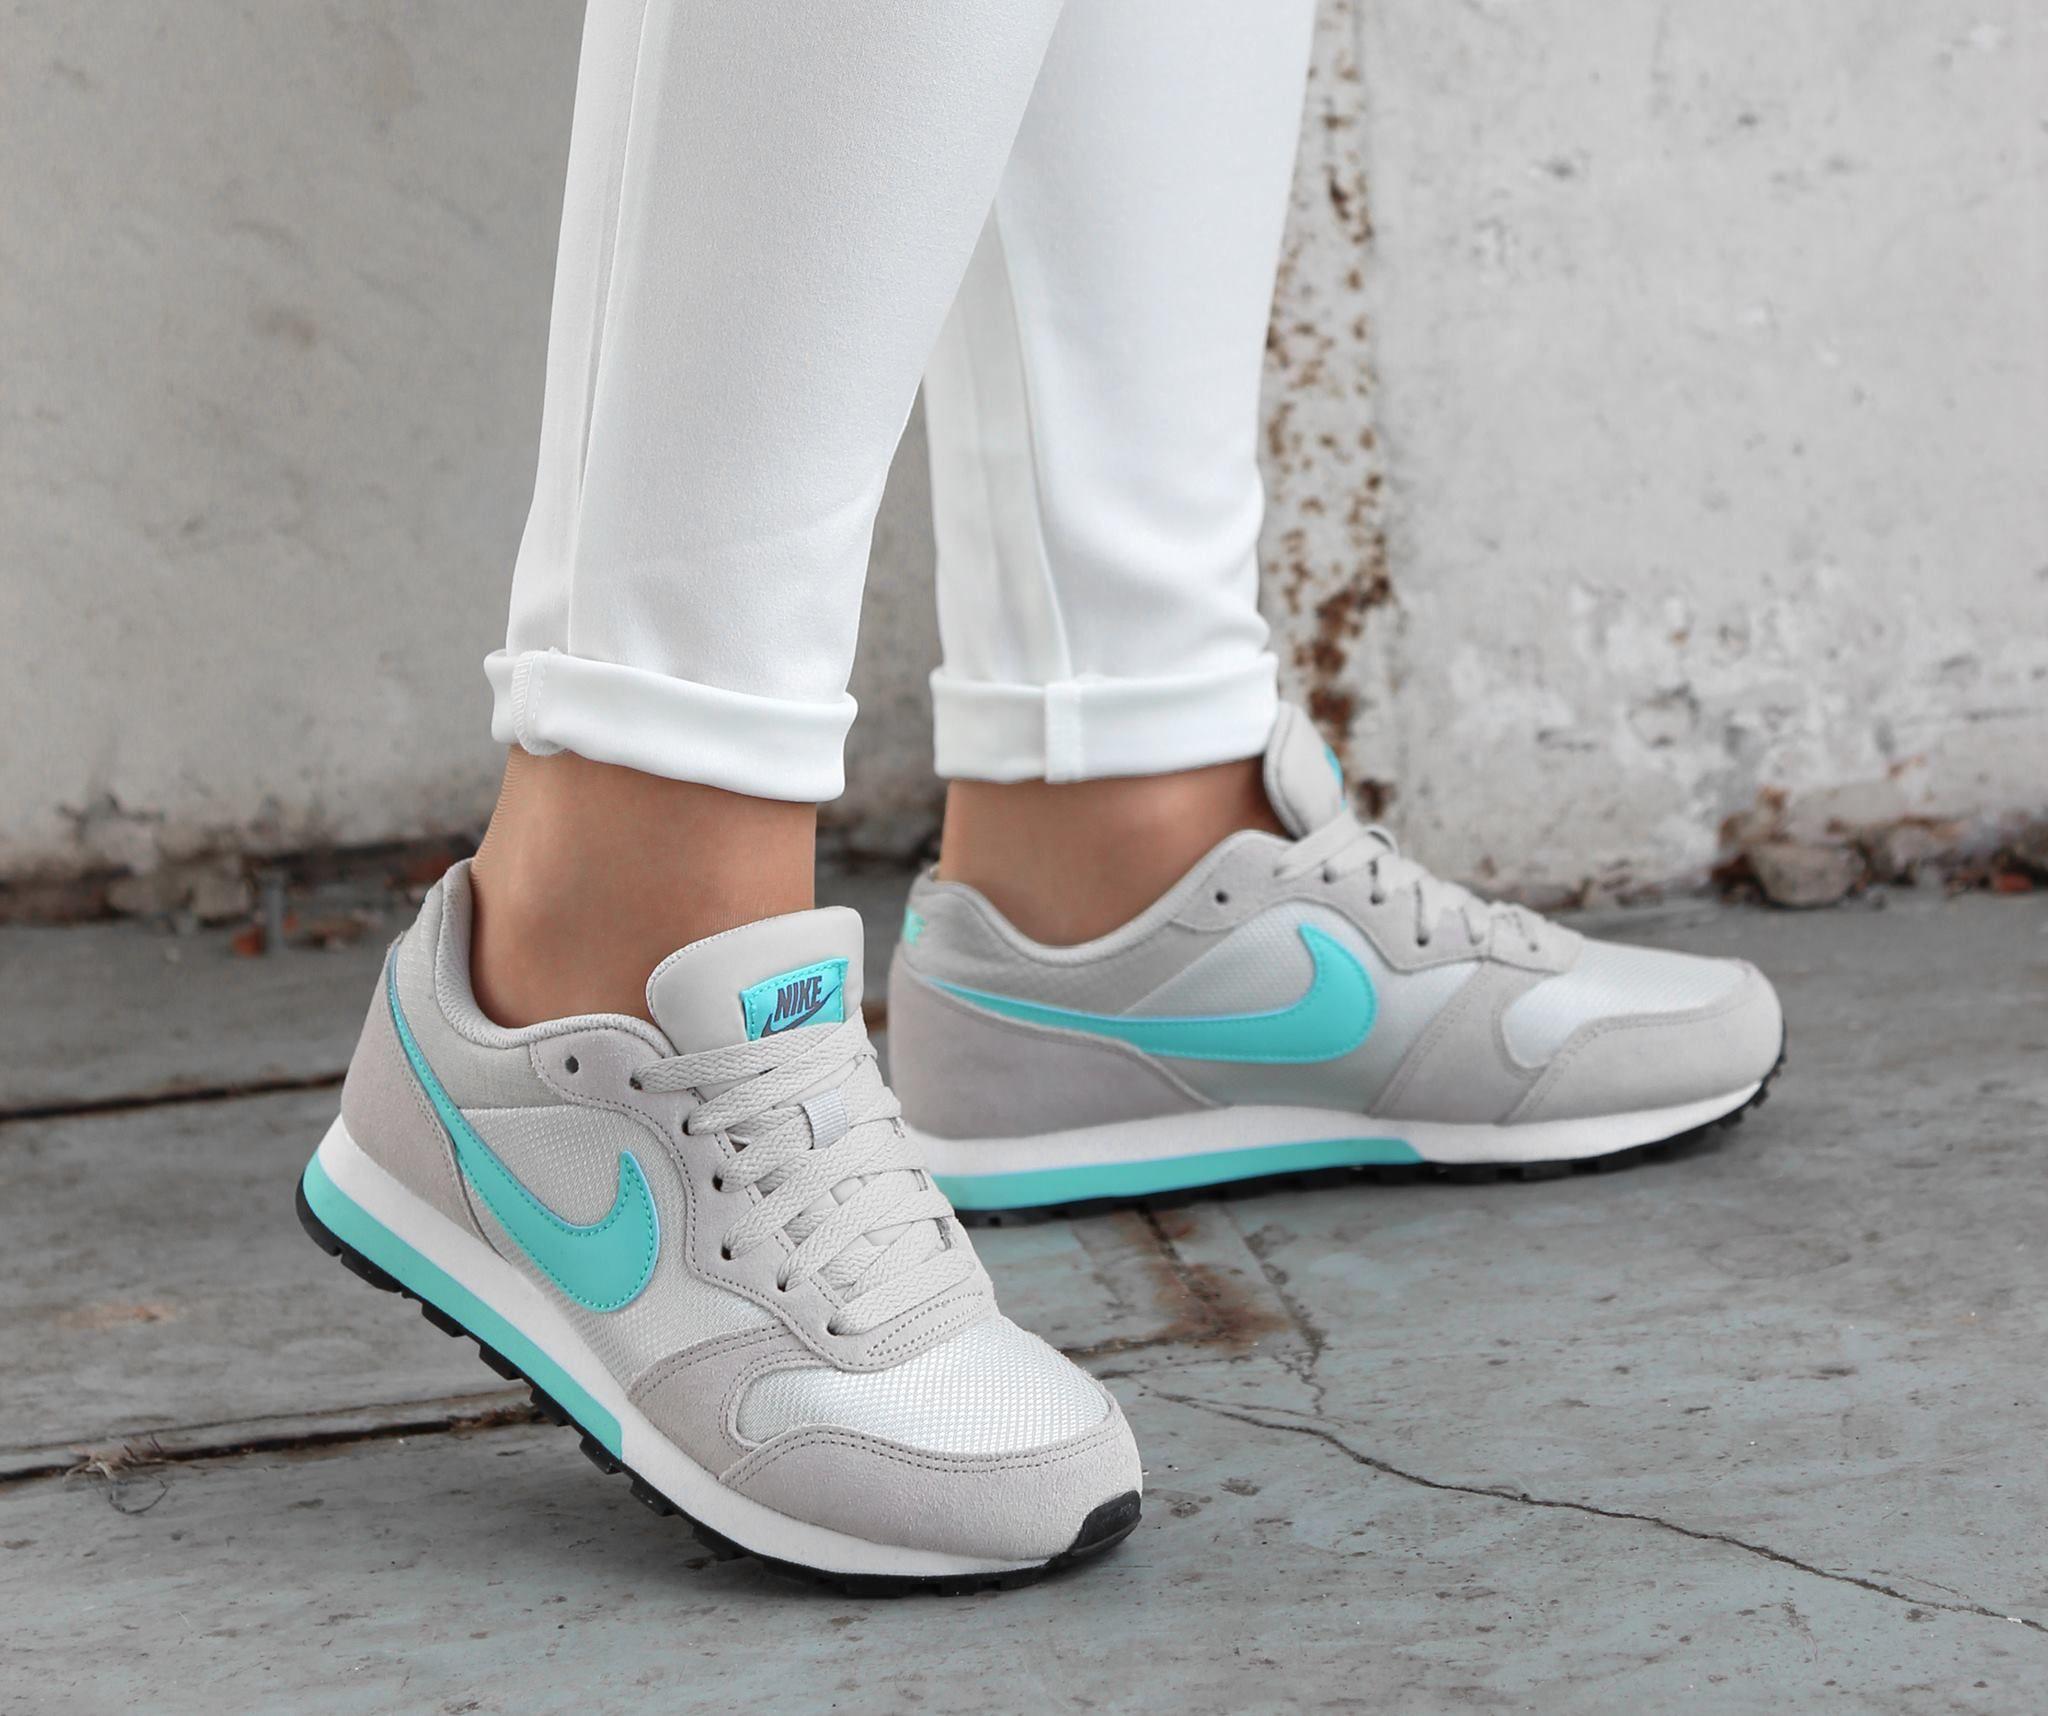 Nike Md Runner 2 Beige Lage Sneakers Sneakers Womens Sneakers Nike